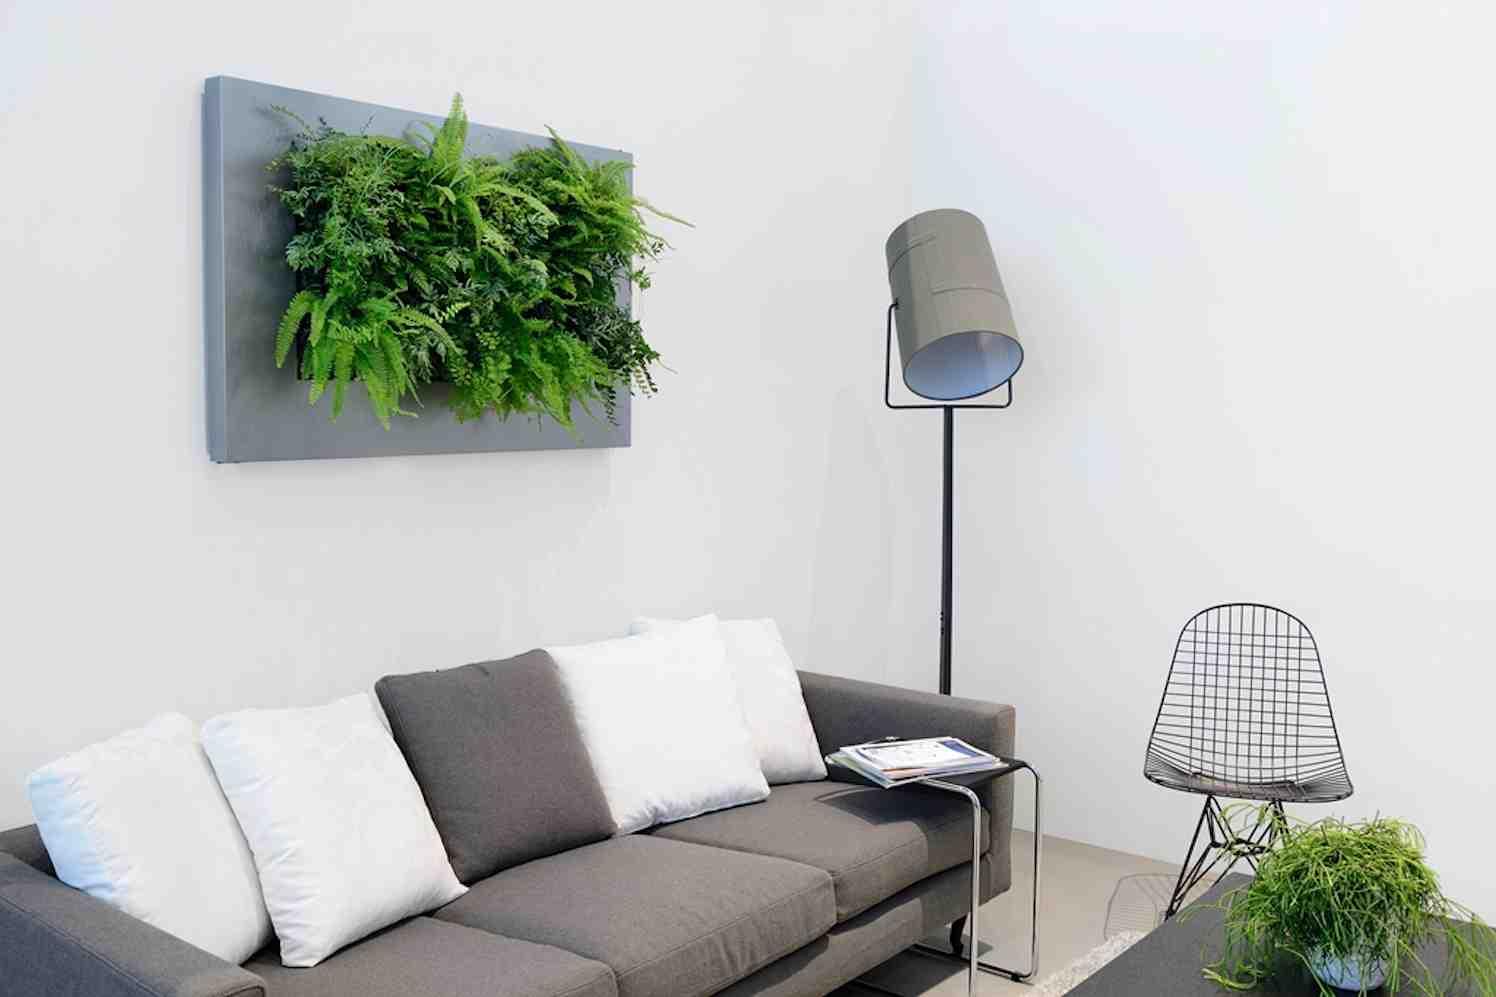 groene plant en wand